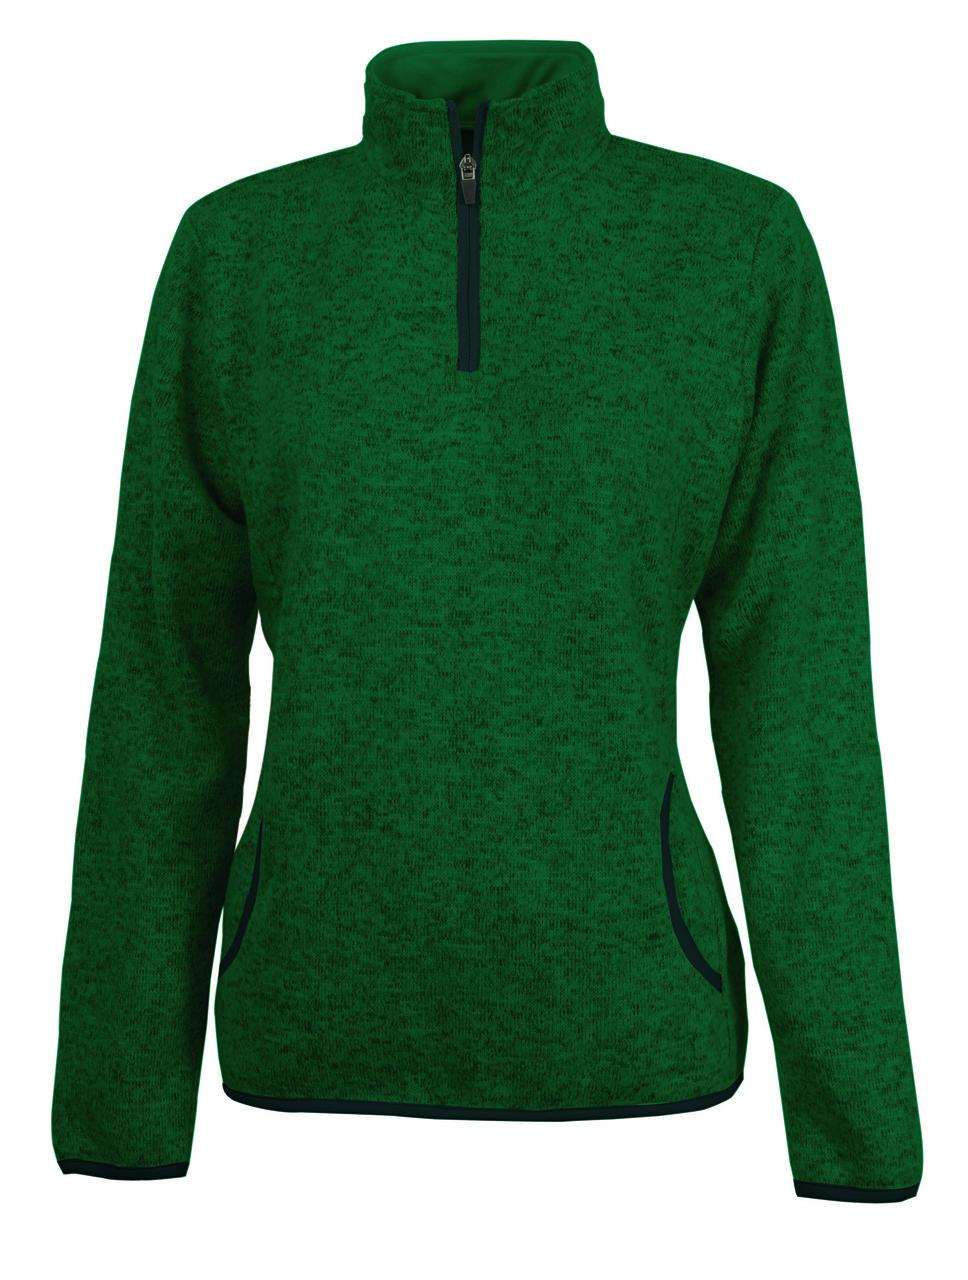 Charles River Apparel Ladies Heathered 1/4 Zip Sweatshirt